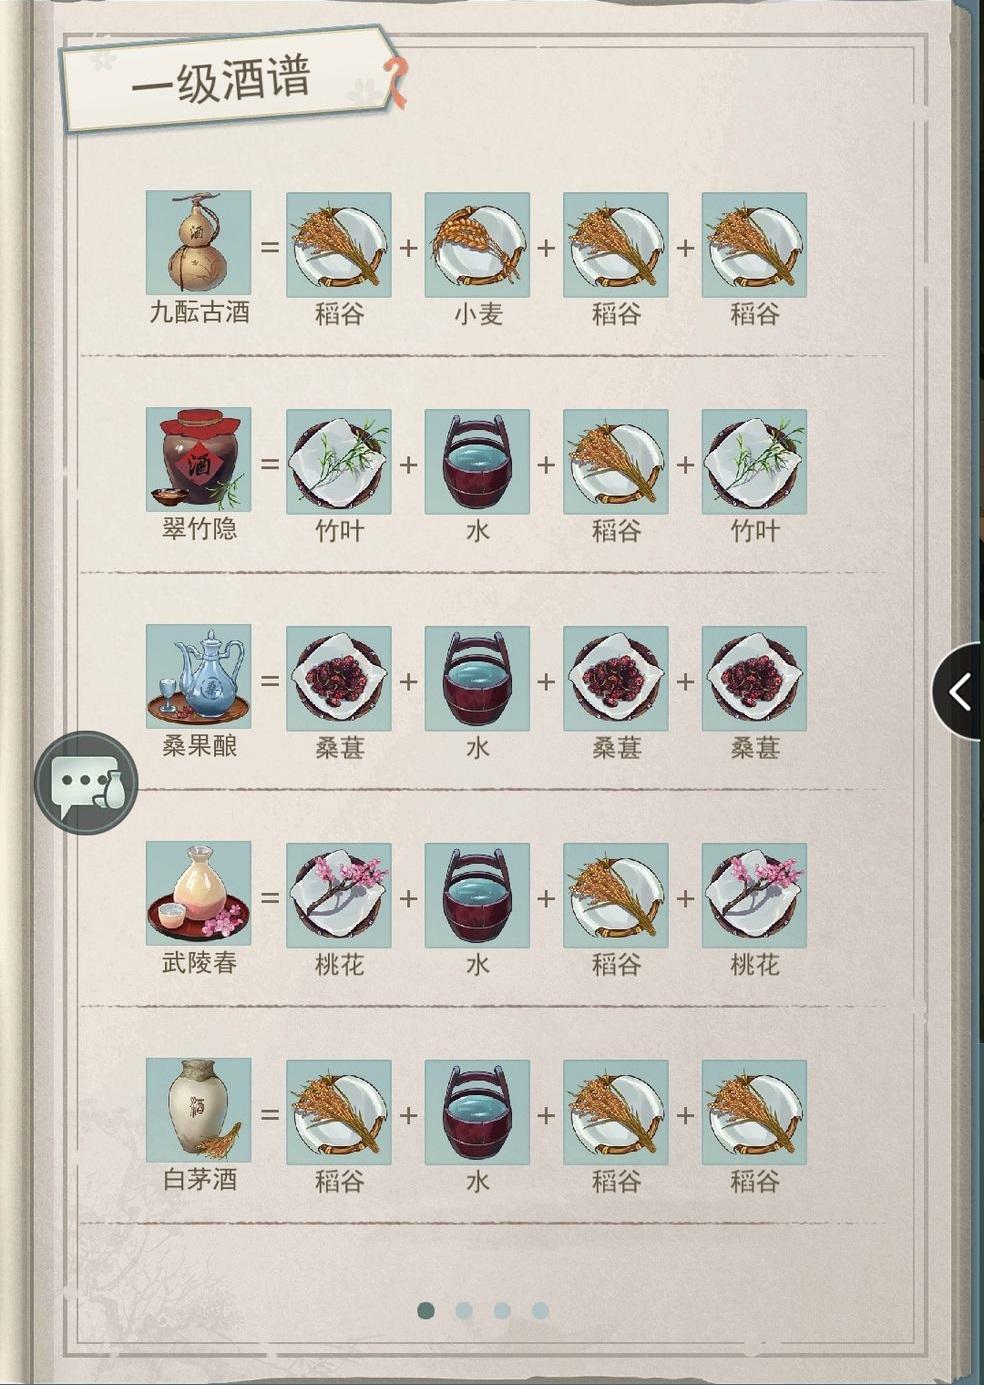 江湖悠悠1-4级酒谱合成推导公式分享